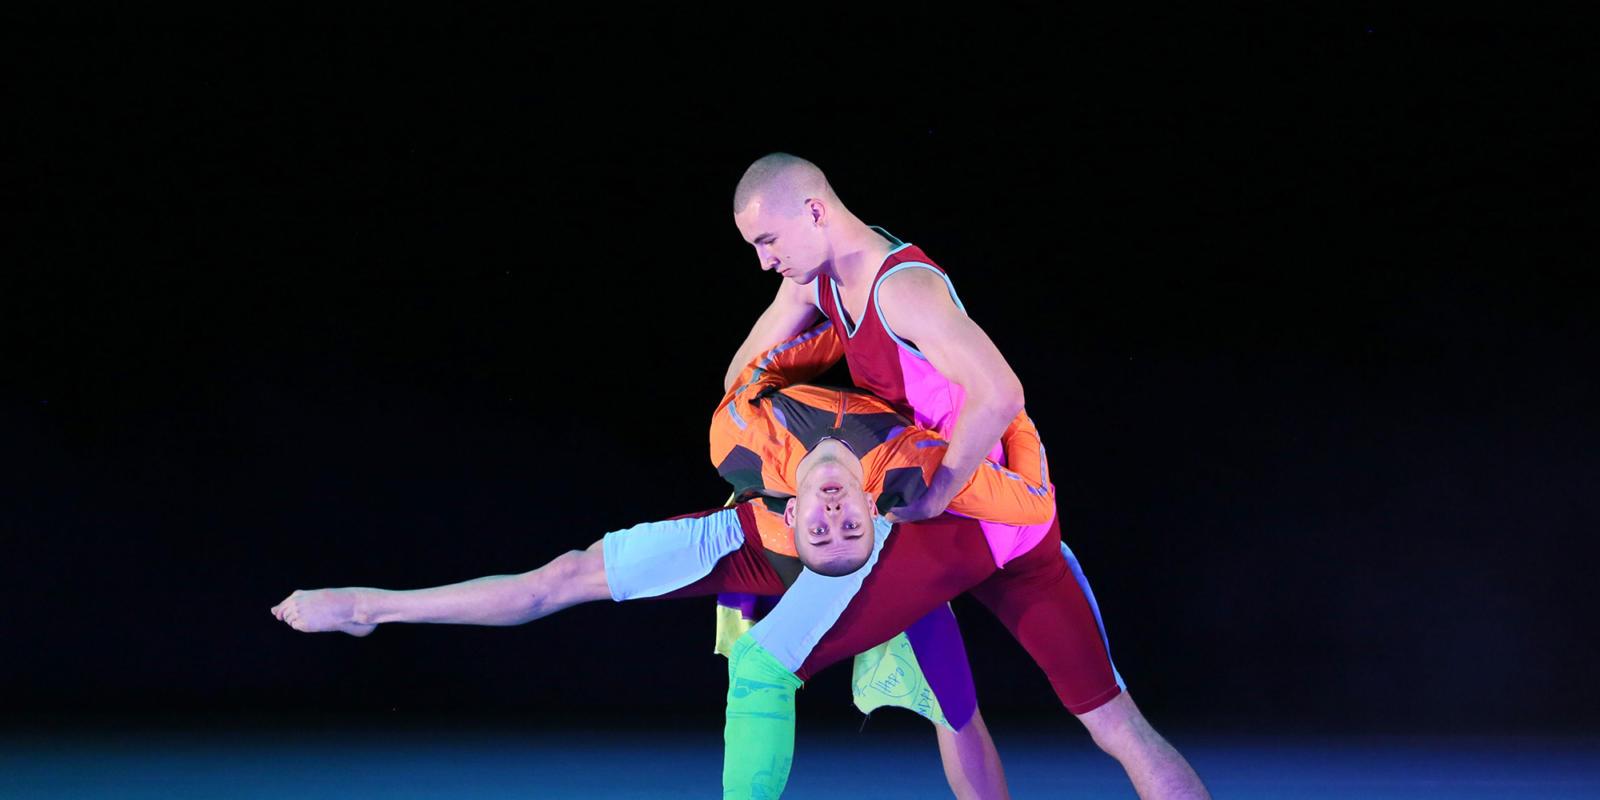 Two male dancers from studio Wayne McGregor